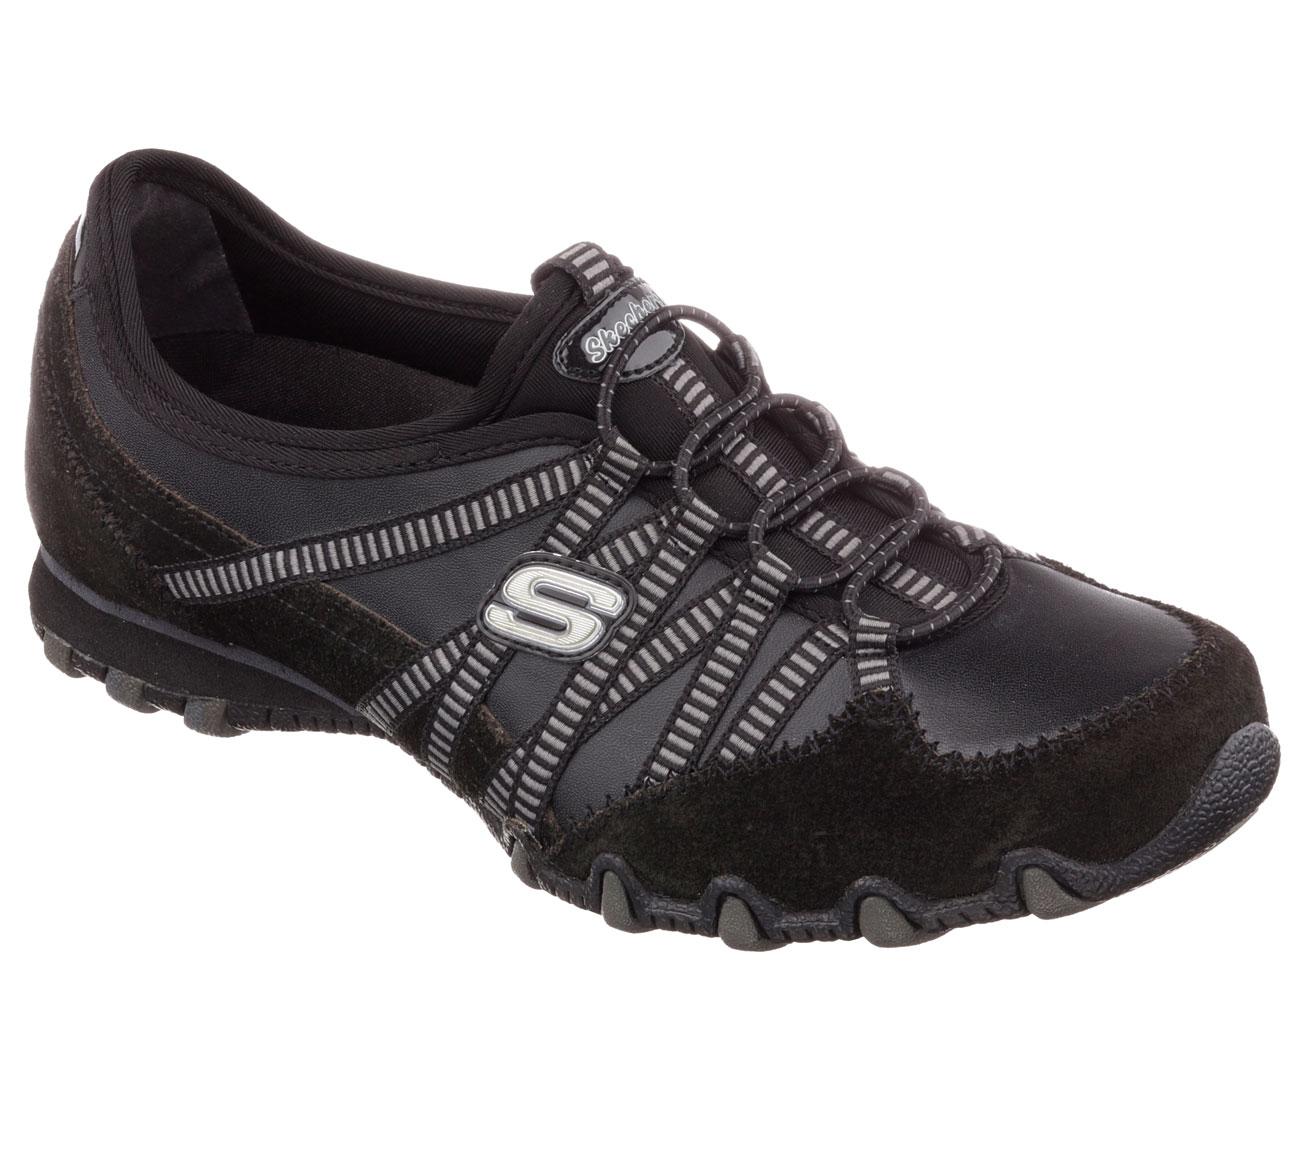 skechers 21140, Skechers Casual, Sport